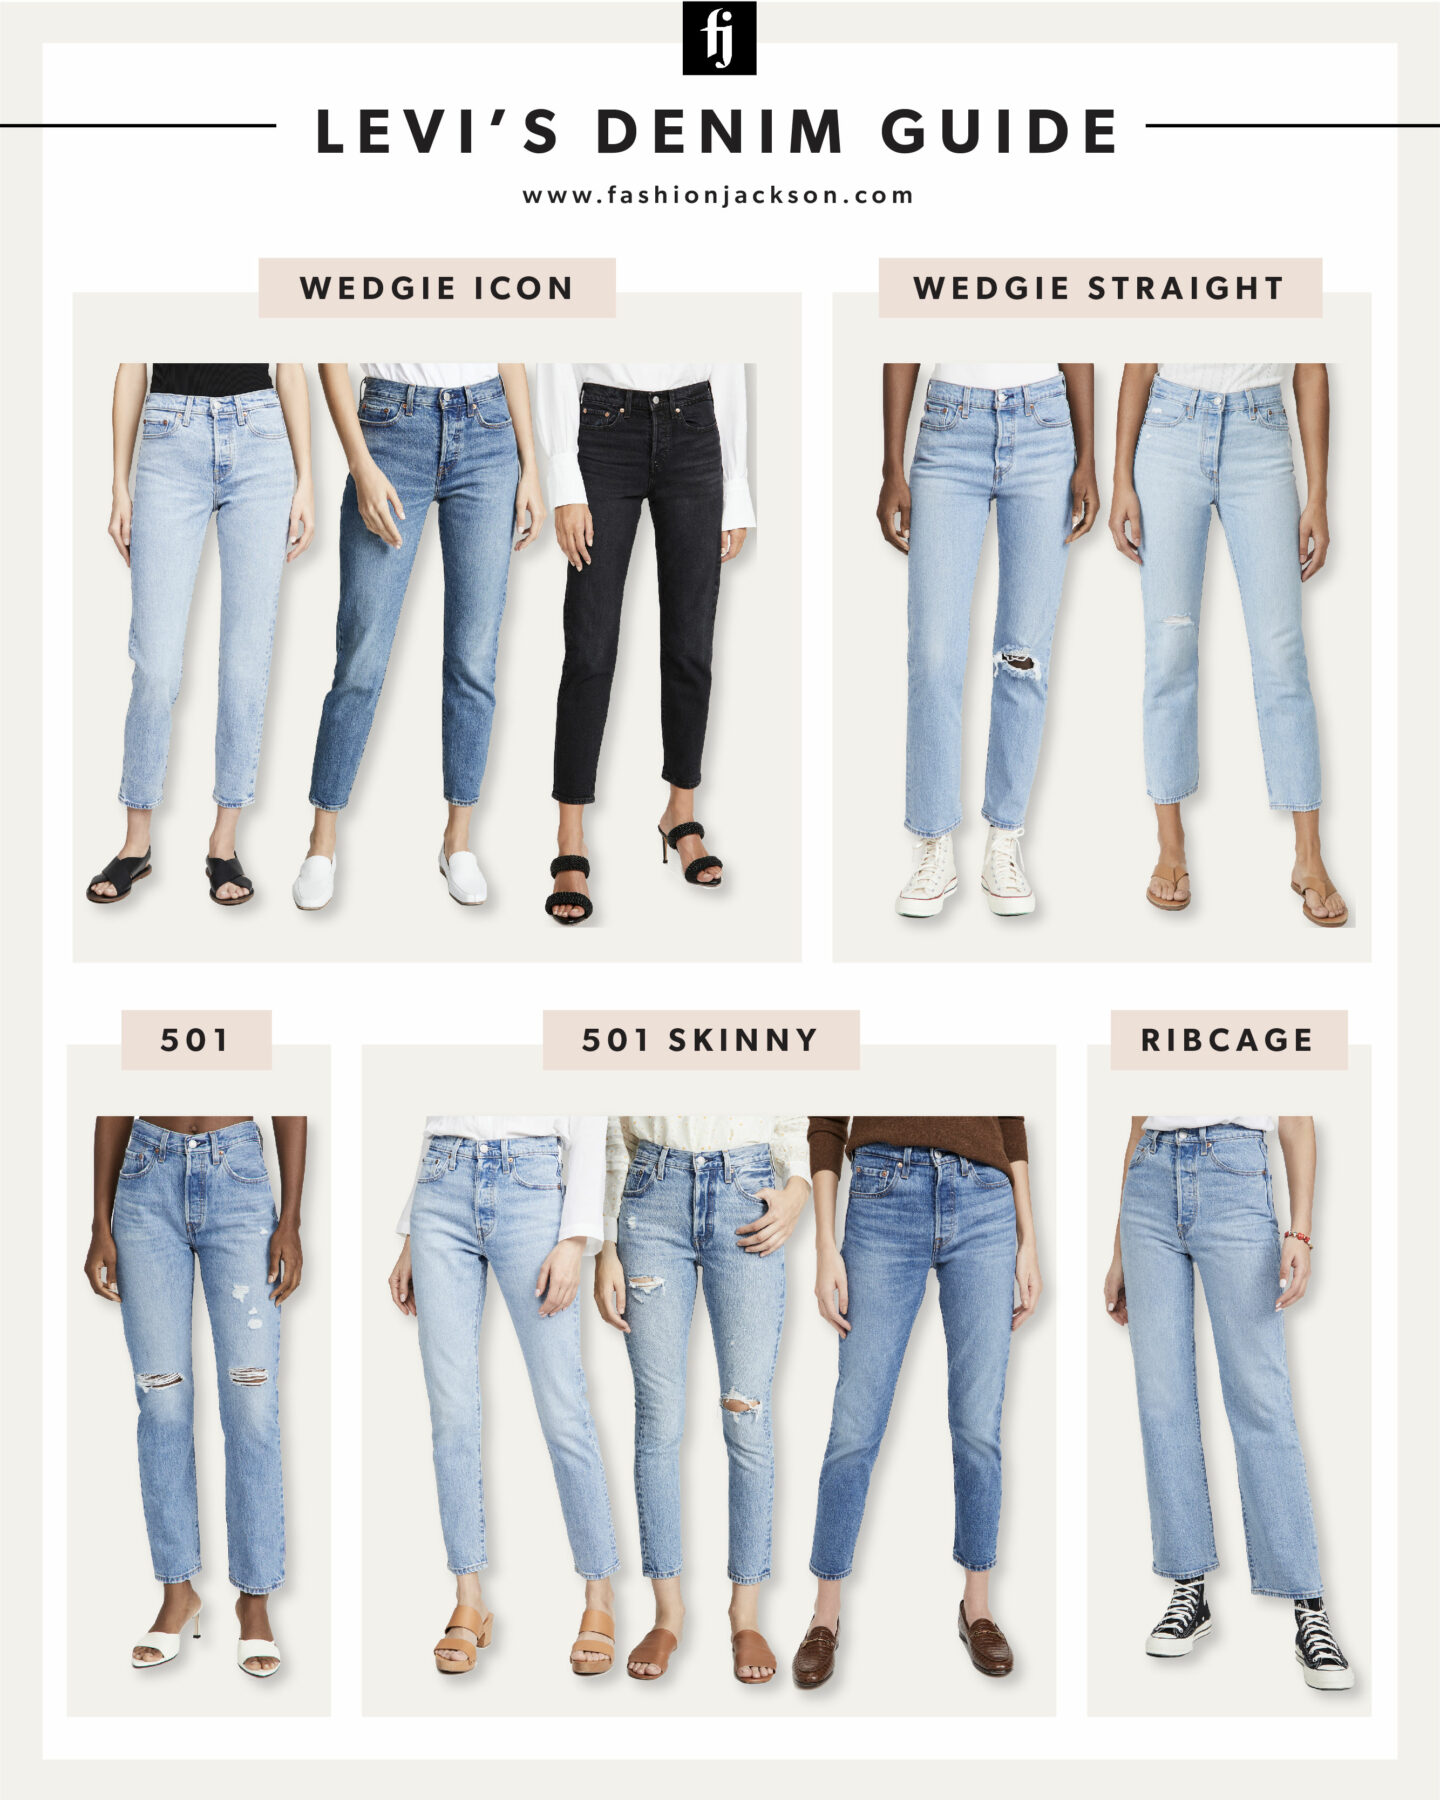 Levis Jeans Guide